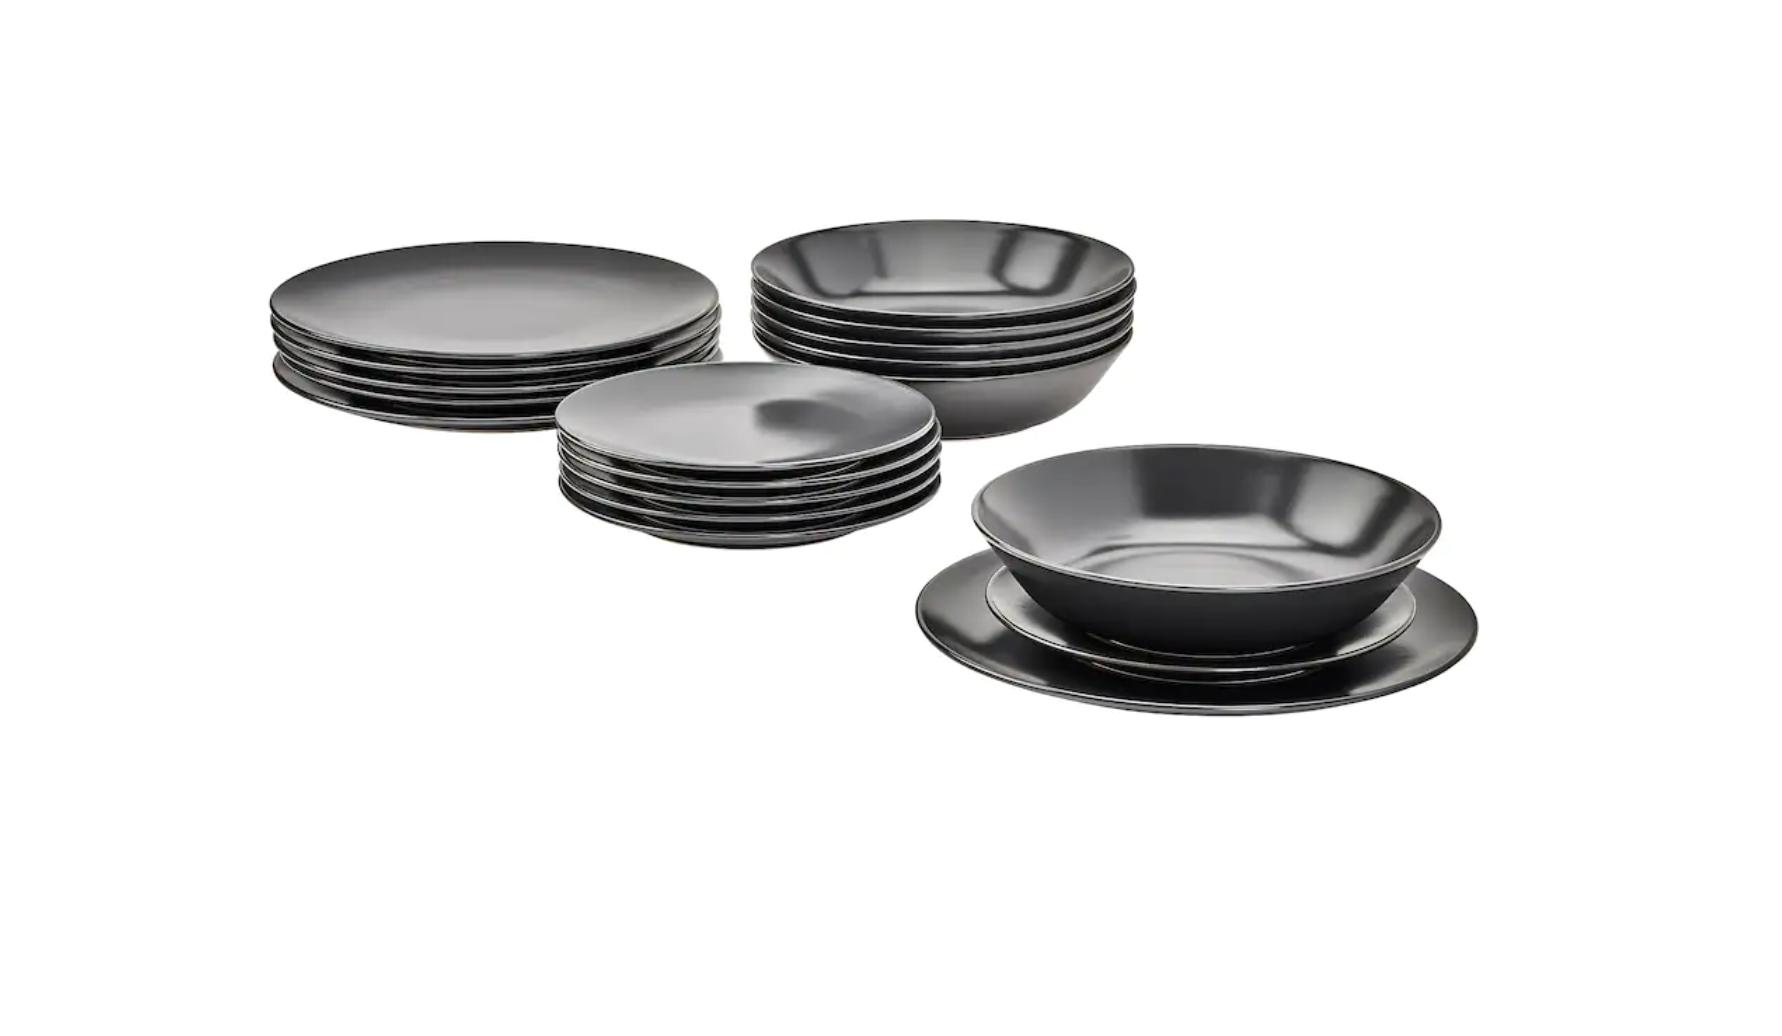 La cerámica con esmalte de acabado mate le da un toque especial a la serie Dinera. Todas las piezas son apilables, aptas para el lavavajillas